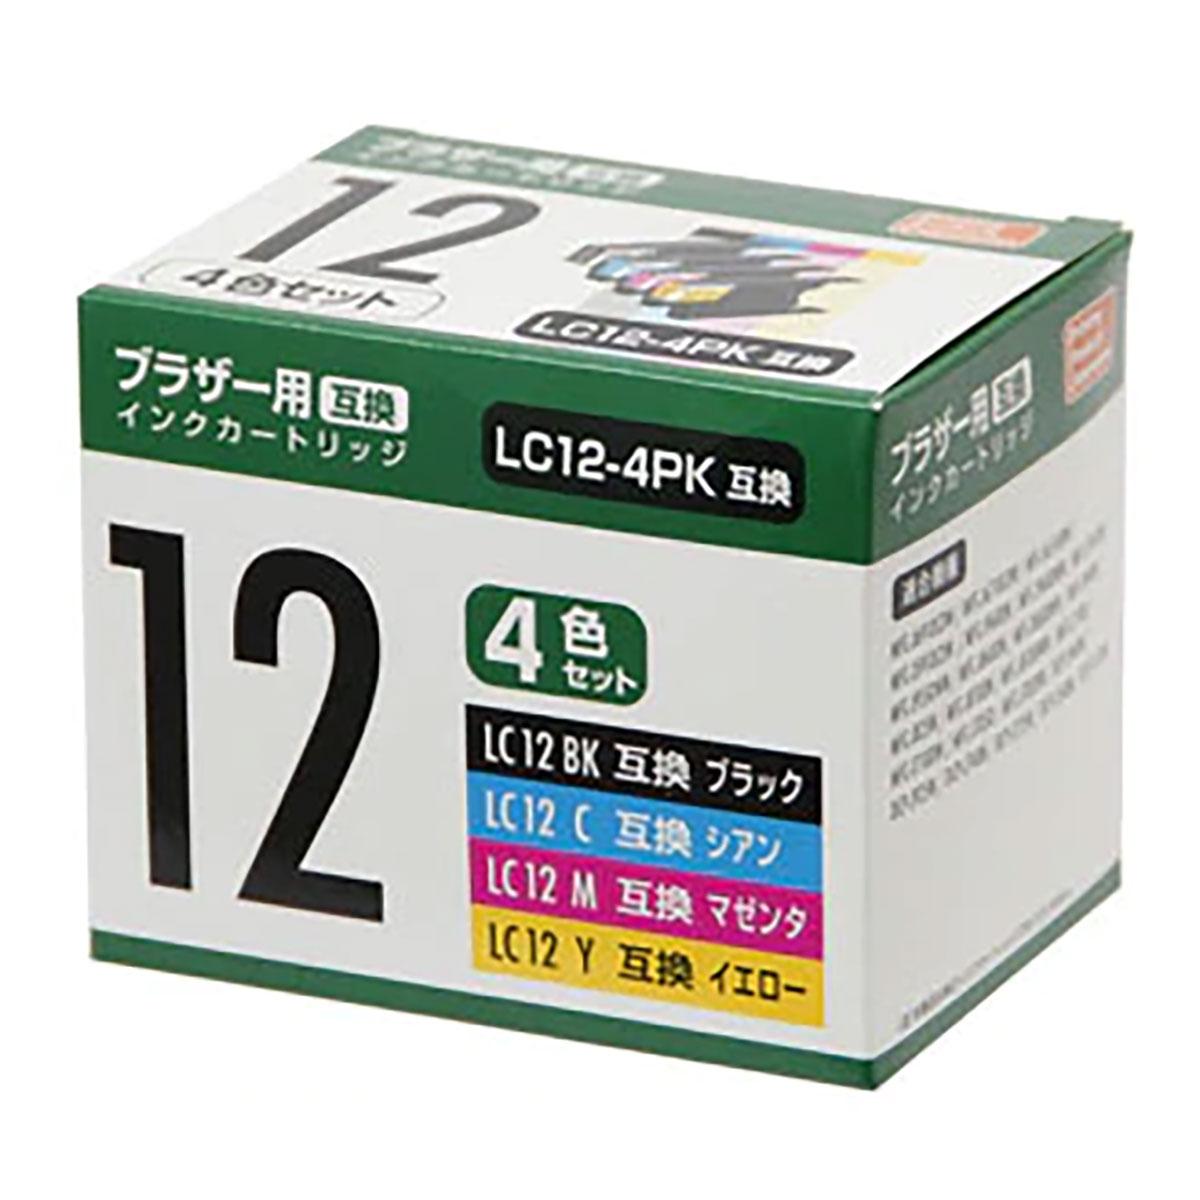 PCサプライ・消耗品, インクカートリッジ 10!! (Brother) LC12-4P41 10:0051 09:59